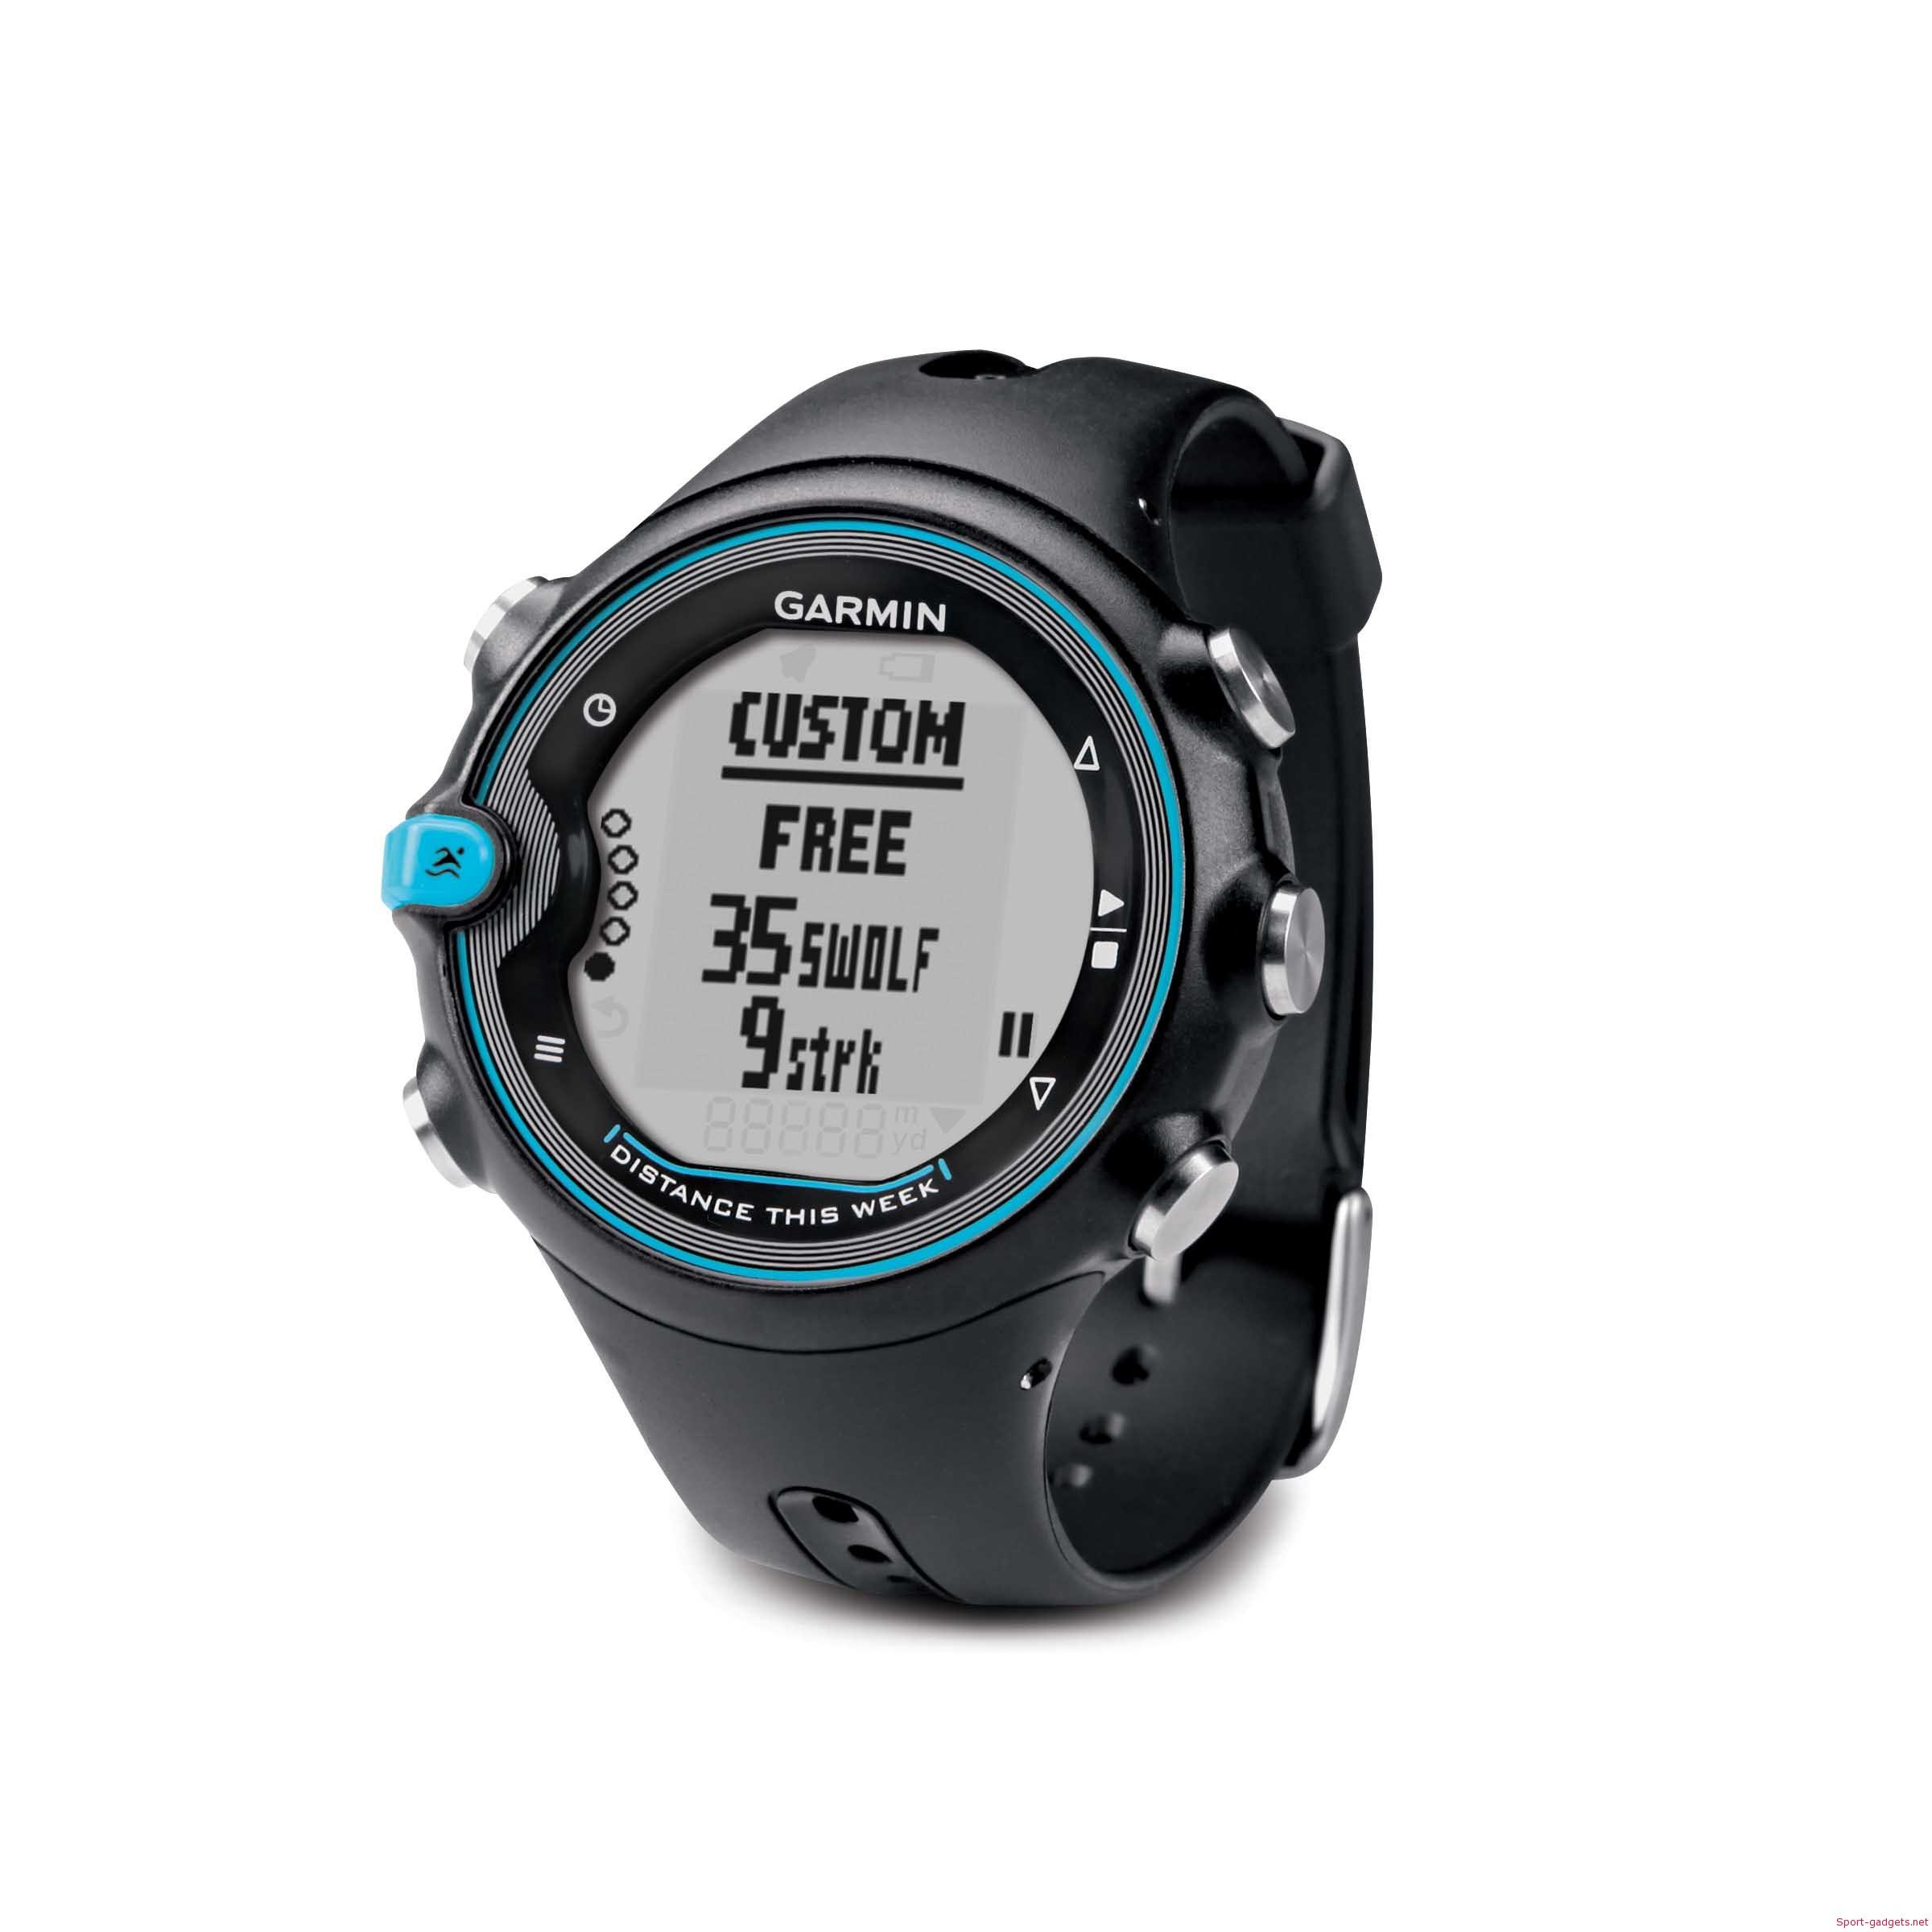 GARMIN_Swim-orologio-nuoto-2 | Sport Gadgets